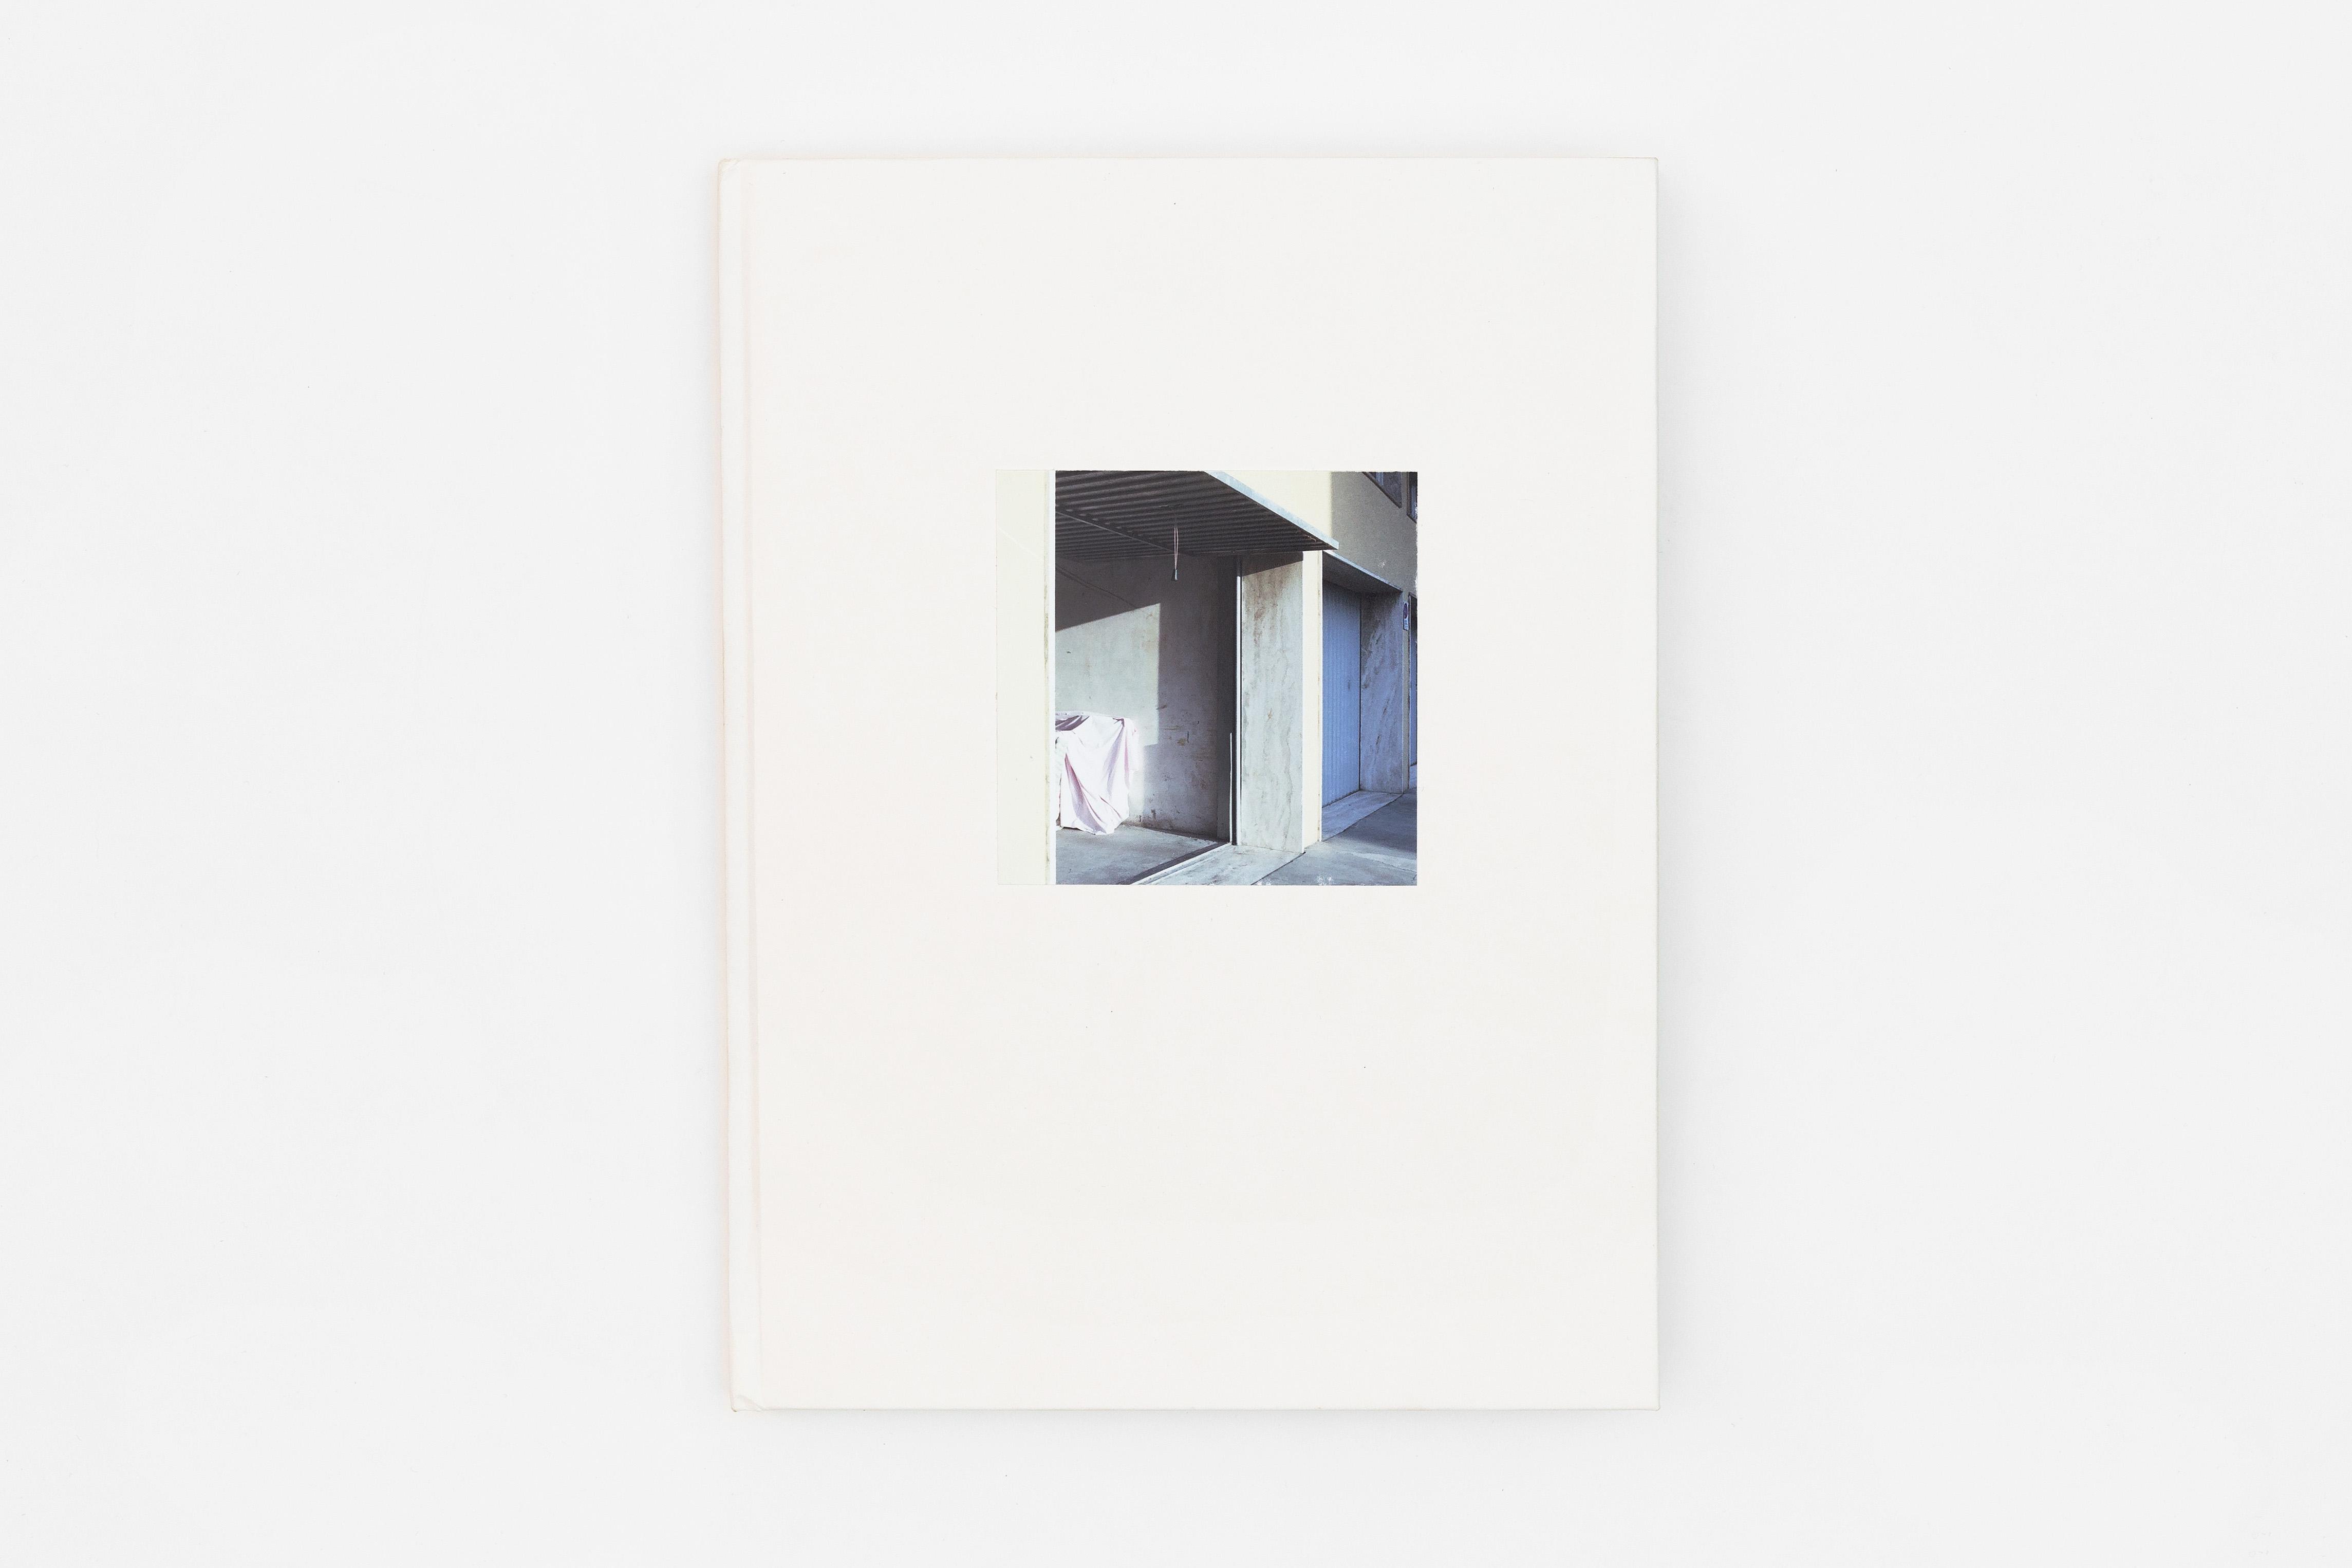 Lucia Berettoni - Anatomie di un paesaggio qualsiasi / Biennio Specialistico ISIA